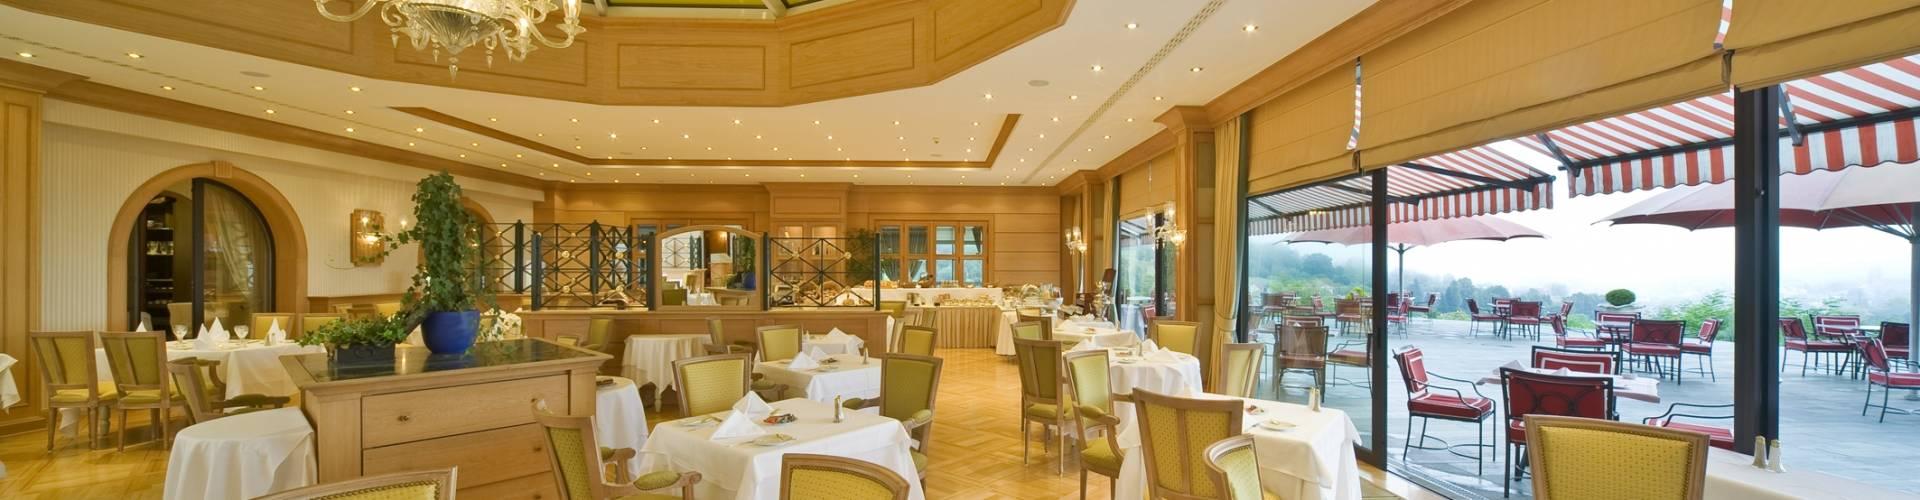 Restaurant le jardin d 39 epices ort mullerthal - Chef de cuisine luxembourg ...